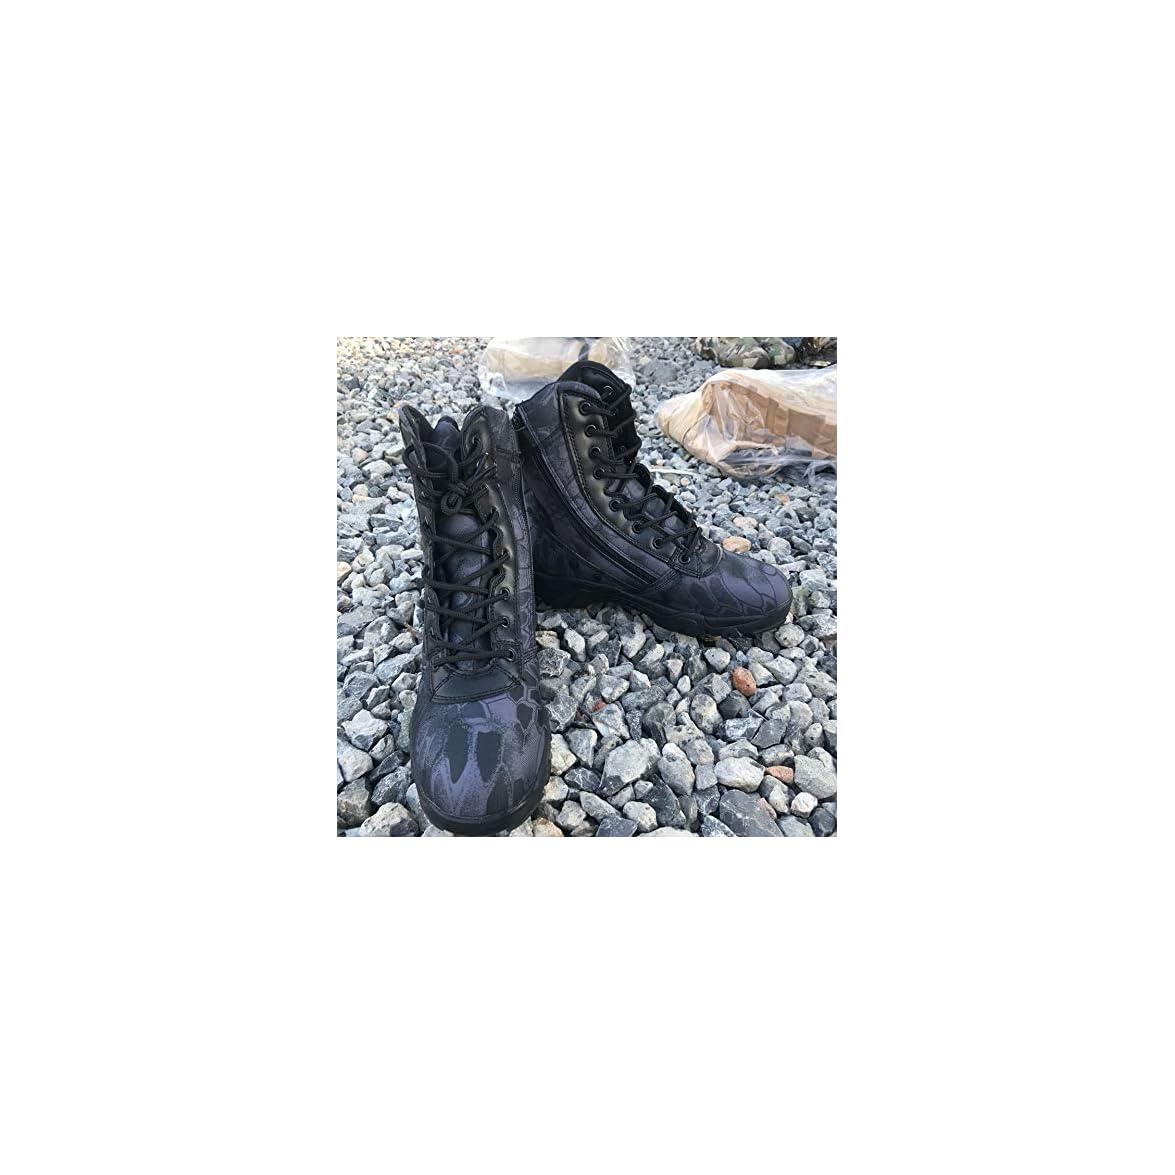 Hcbyj Scarpa Desert Boots Scarpe Da Trekking All'aperto Stivali Combattimento Tattiche Traspiranti Resistenti All'usura